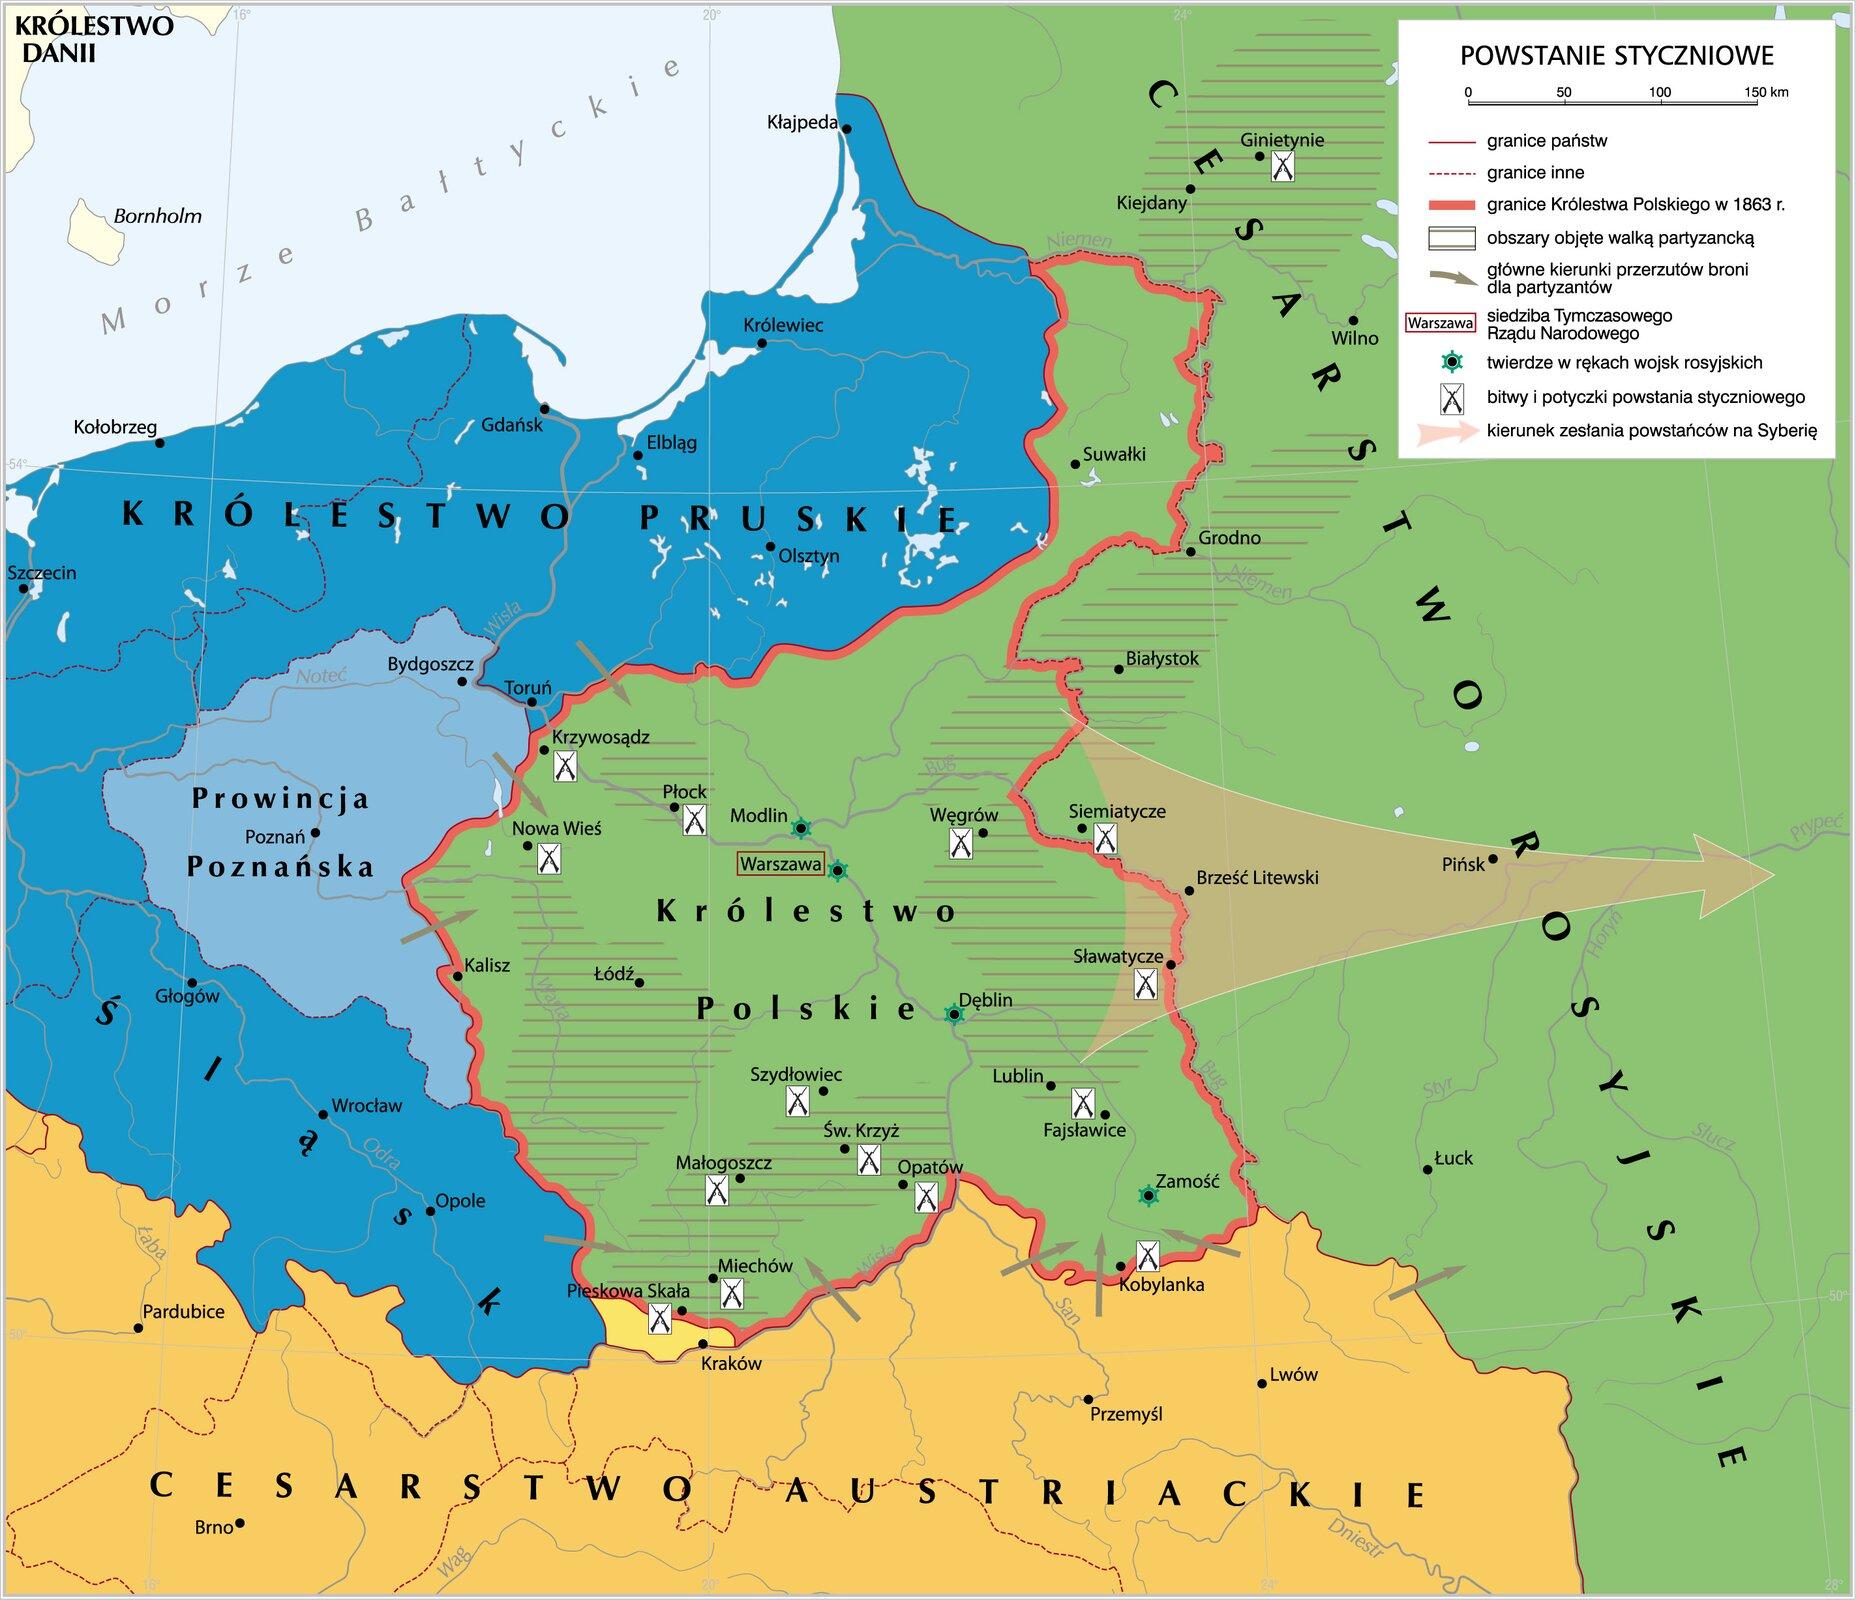 namapie widać granice Królewstwa Polskiego izaznaczne są miejsca głównych bitew toczonych podczas powstania listopadowego